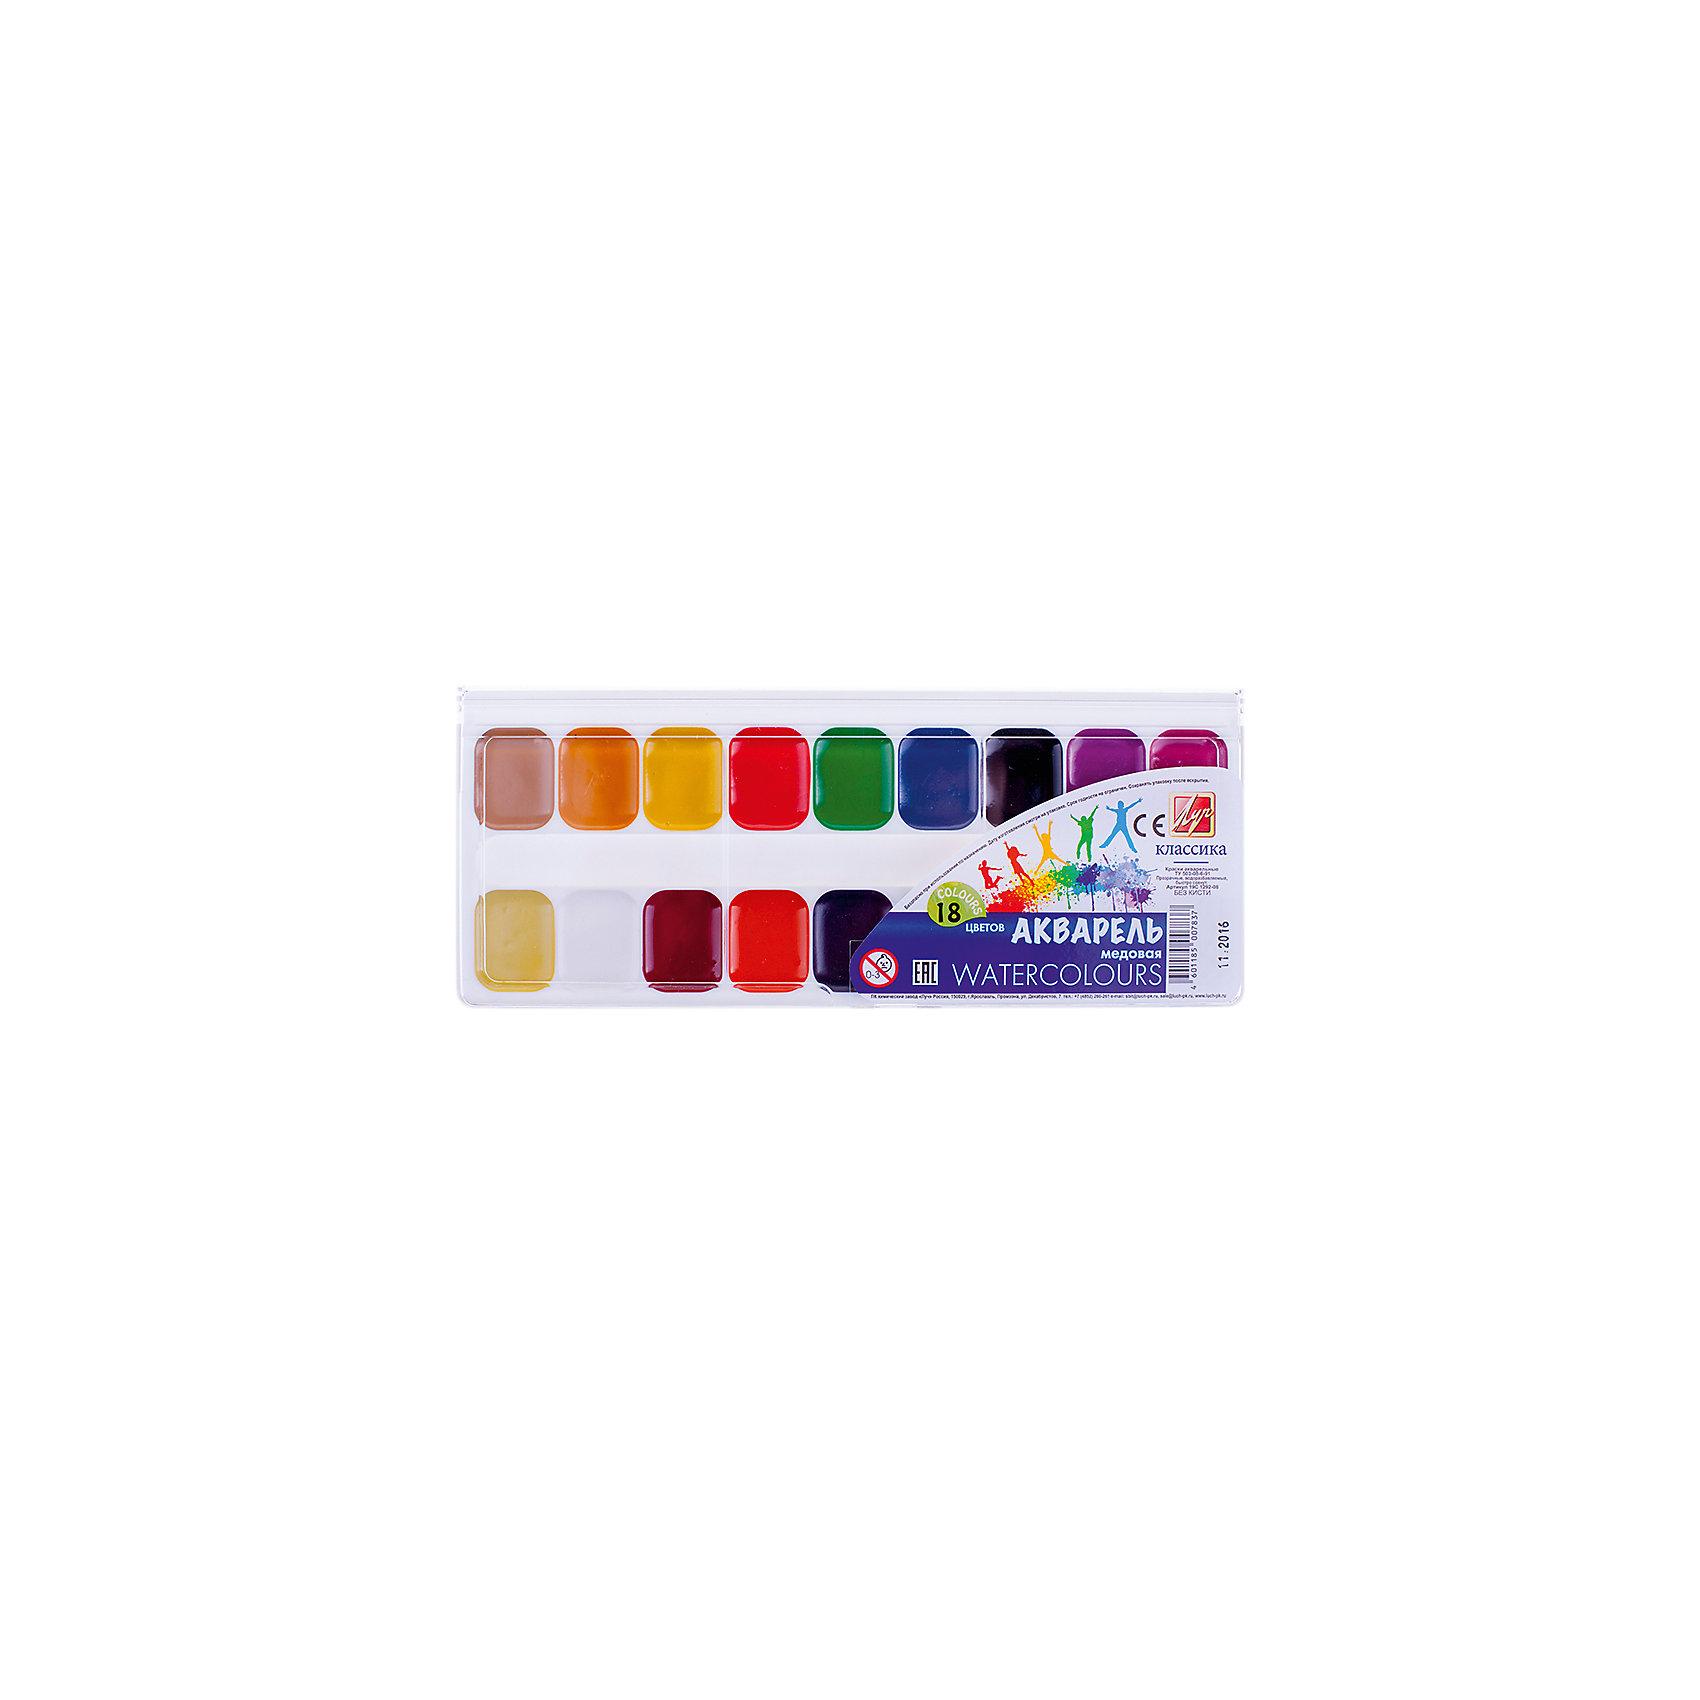 Краски акварельные Классика, 18 цв.Характеристики:<br><br>• Предназначение: для занятий художественным творчеством<br>• Пол: универсальный<br>• Коллекция: Классика<br>• Количество цветов: 18<br>• Тип акварели: полусухая<br>• Материал: натуральные пигменты, пчелиный мед, пластик<br>• Размеры упаковки (Д*Ш*В): 1*6,5*16,5 см<br>• Вес упаковки: 94 г <br><br>Краски акварельные Классика, 18 цв. от одного из ведущих производителей канцелярии и товаров для творчества –Луч, выполнены в пластиковом футляре из органических пигментов с добавлением пчелиного меда. Набор состоит из 18 наиболее востребованных при занятии художественным творчеством цветов. Акварель от Луча отличается яркостью оттенков и чистотой цвета. Краски хорошо смешиваются между собой, что позволяет создавать новые оттенки. Они легко смываются с детских рук и отстирываются с одежды, не оставляя следа. Использованные при изготовлении акварели материалы, экологически безопасны и нетоксичны. Краски имеют компактную форму и легкий вес. <br>Занятия художественным творчеством развивают мелкую моторику рук, способствуют формированию художественно-эстетического вкуса и дарят хорошее настроение не только ребенку, но и окружающим!<br><br>Краски акварельные Классика, 18 цветов можно купить в нашем интернет-магазине.<br><br>Ширина мм: 2230<br>Глубина мм: 130<br>Высота мм: 900<br>Вес г: 136<br>Возраст от месяцев: 36<br>Возраст до месяцев: 2147483647<br>Пол: Унисекс<br>Возраст: Детский<br>SKU: 4827983